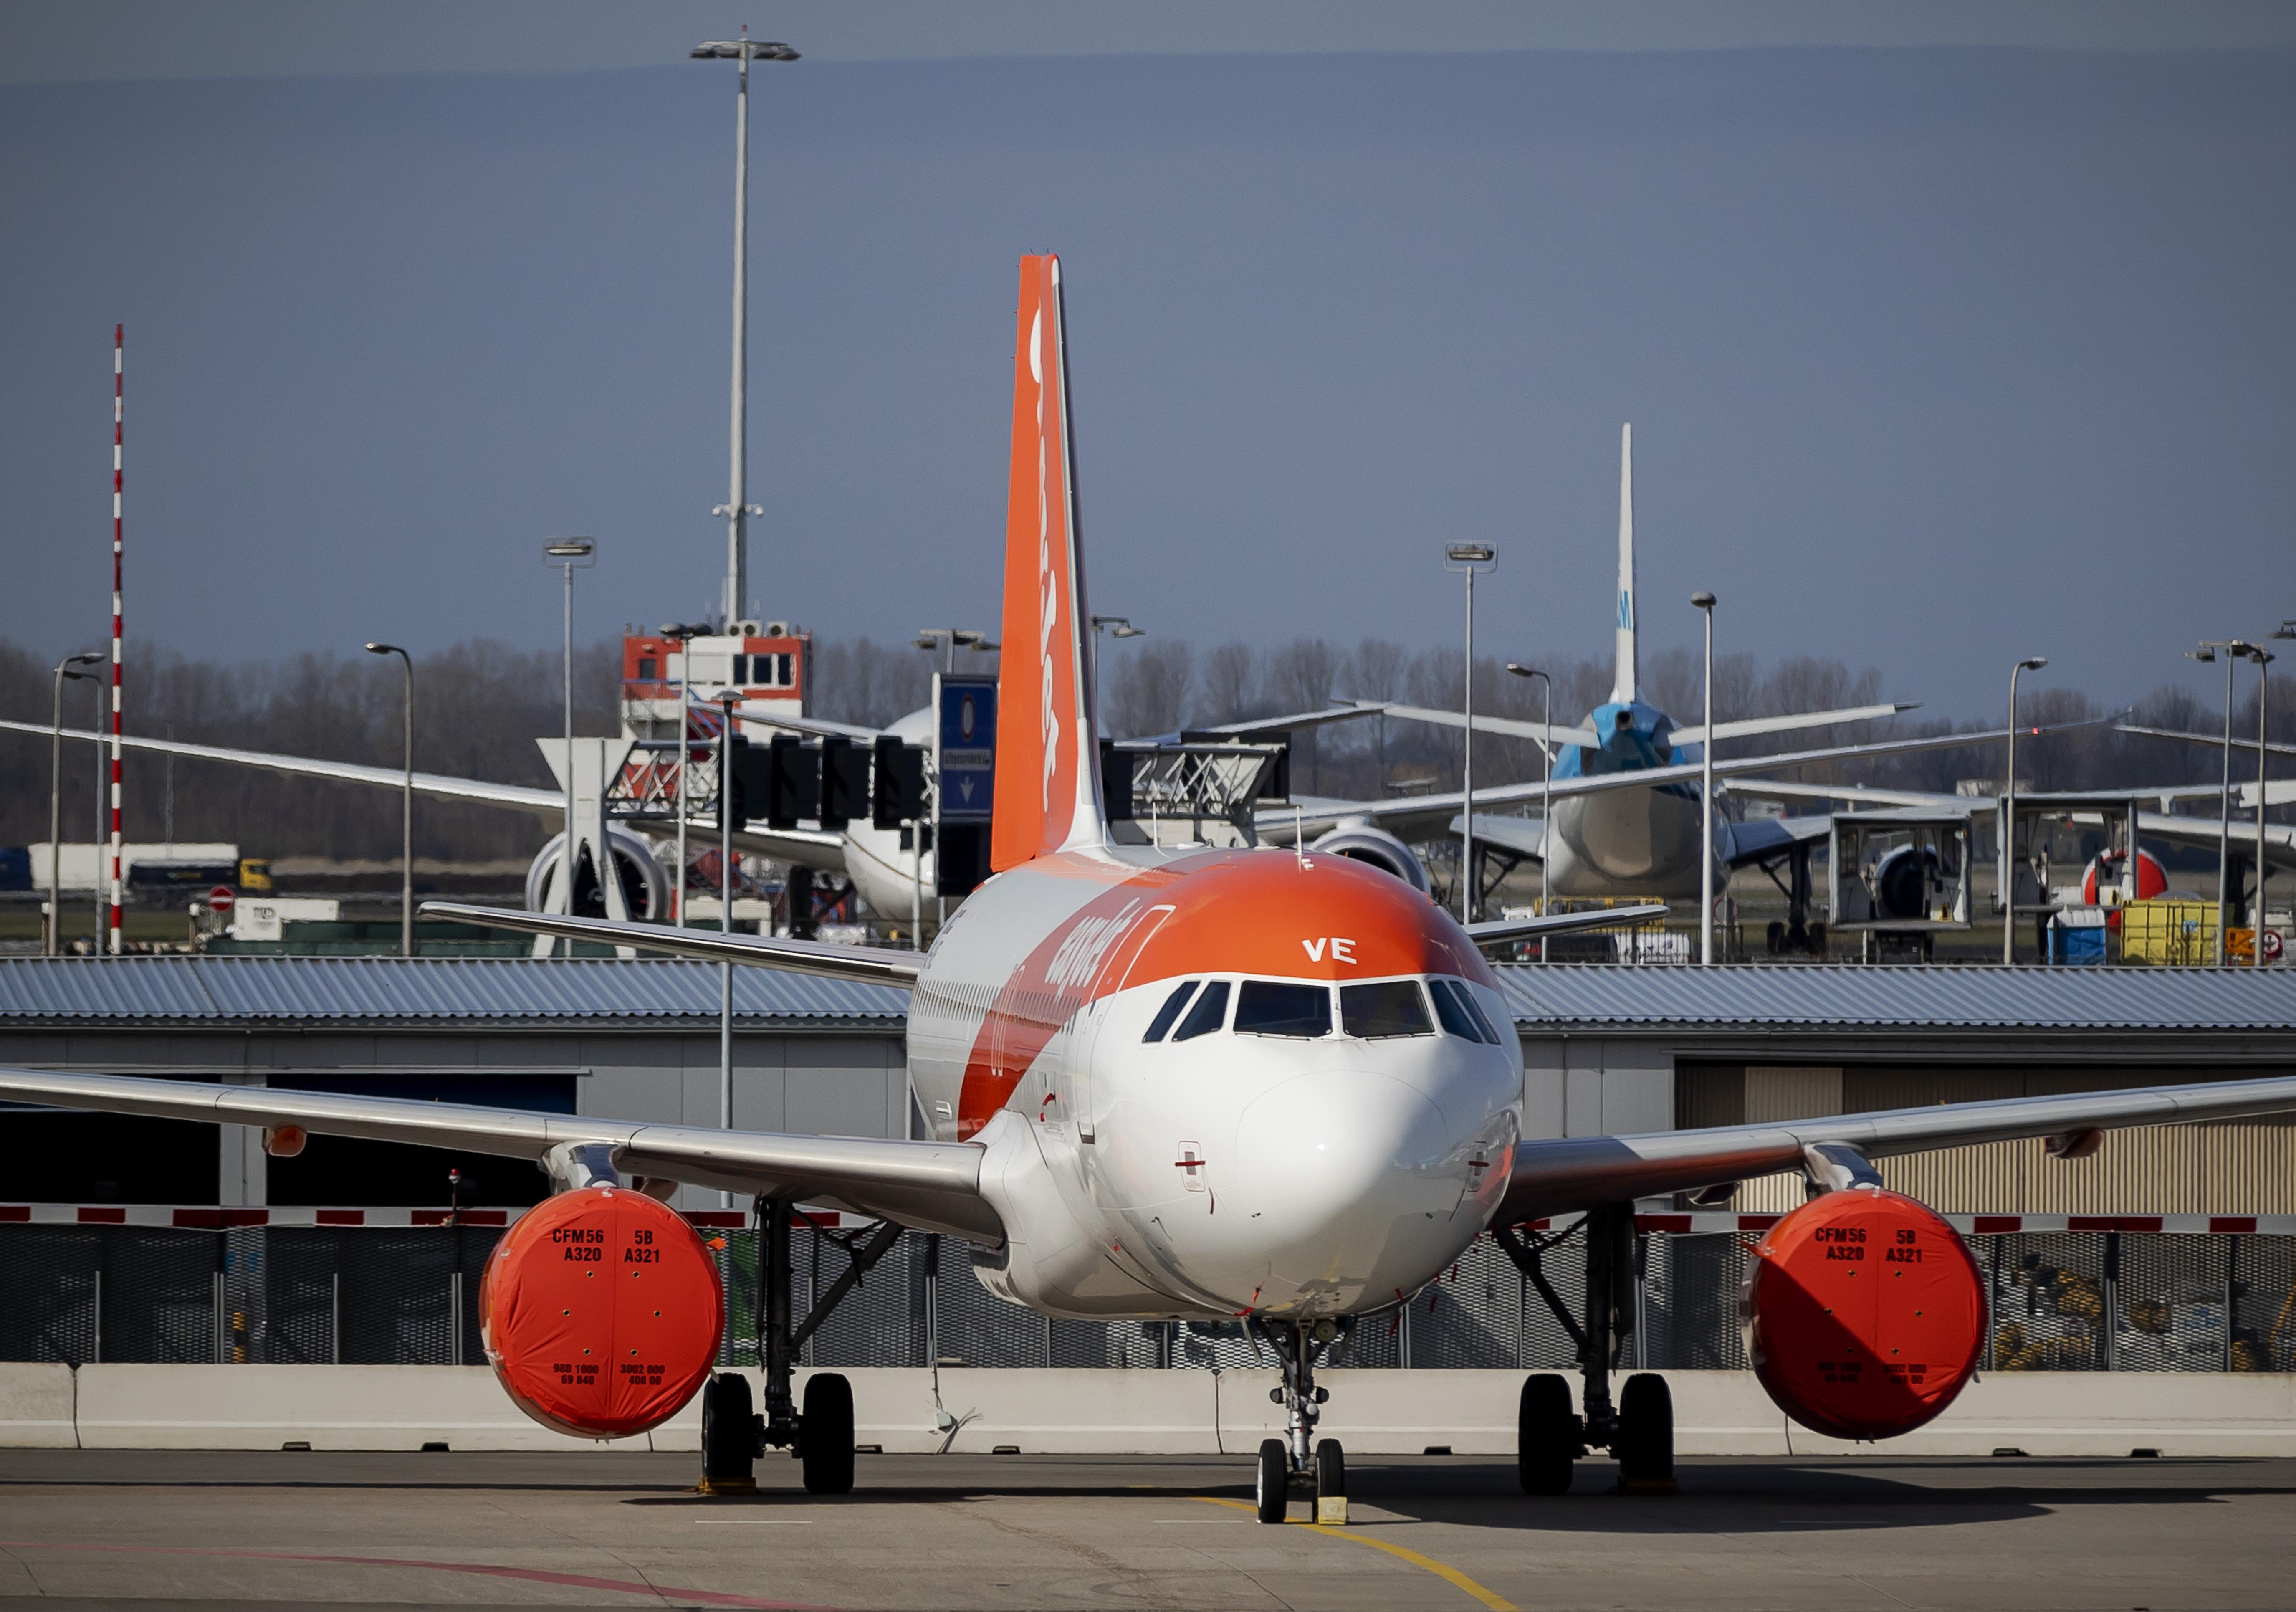 Easyjet doet niet mee aan prijsdumping. Toeristen beter spreiden dan weren